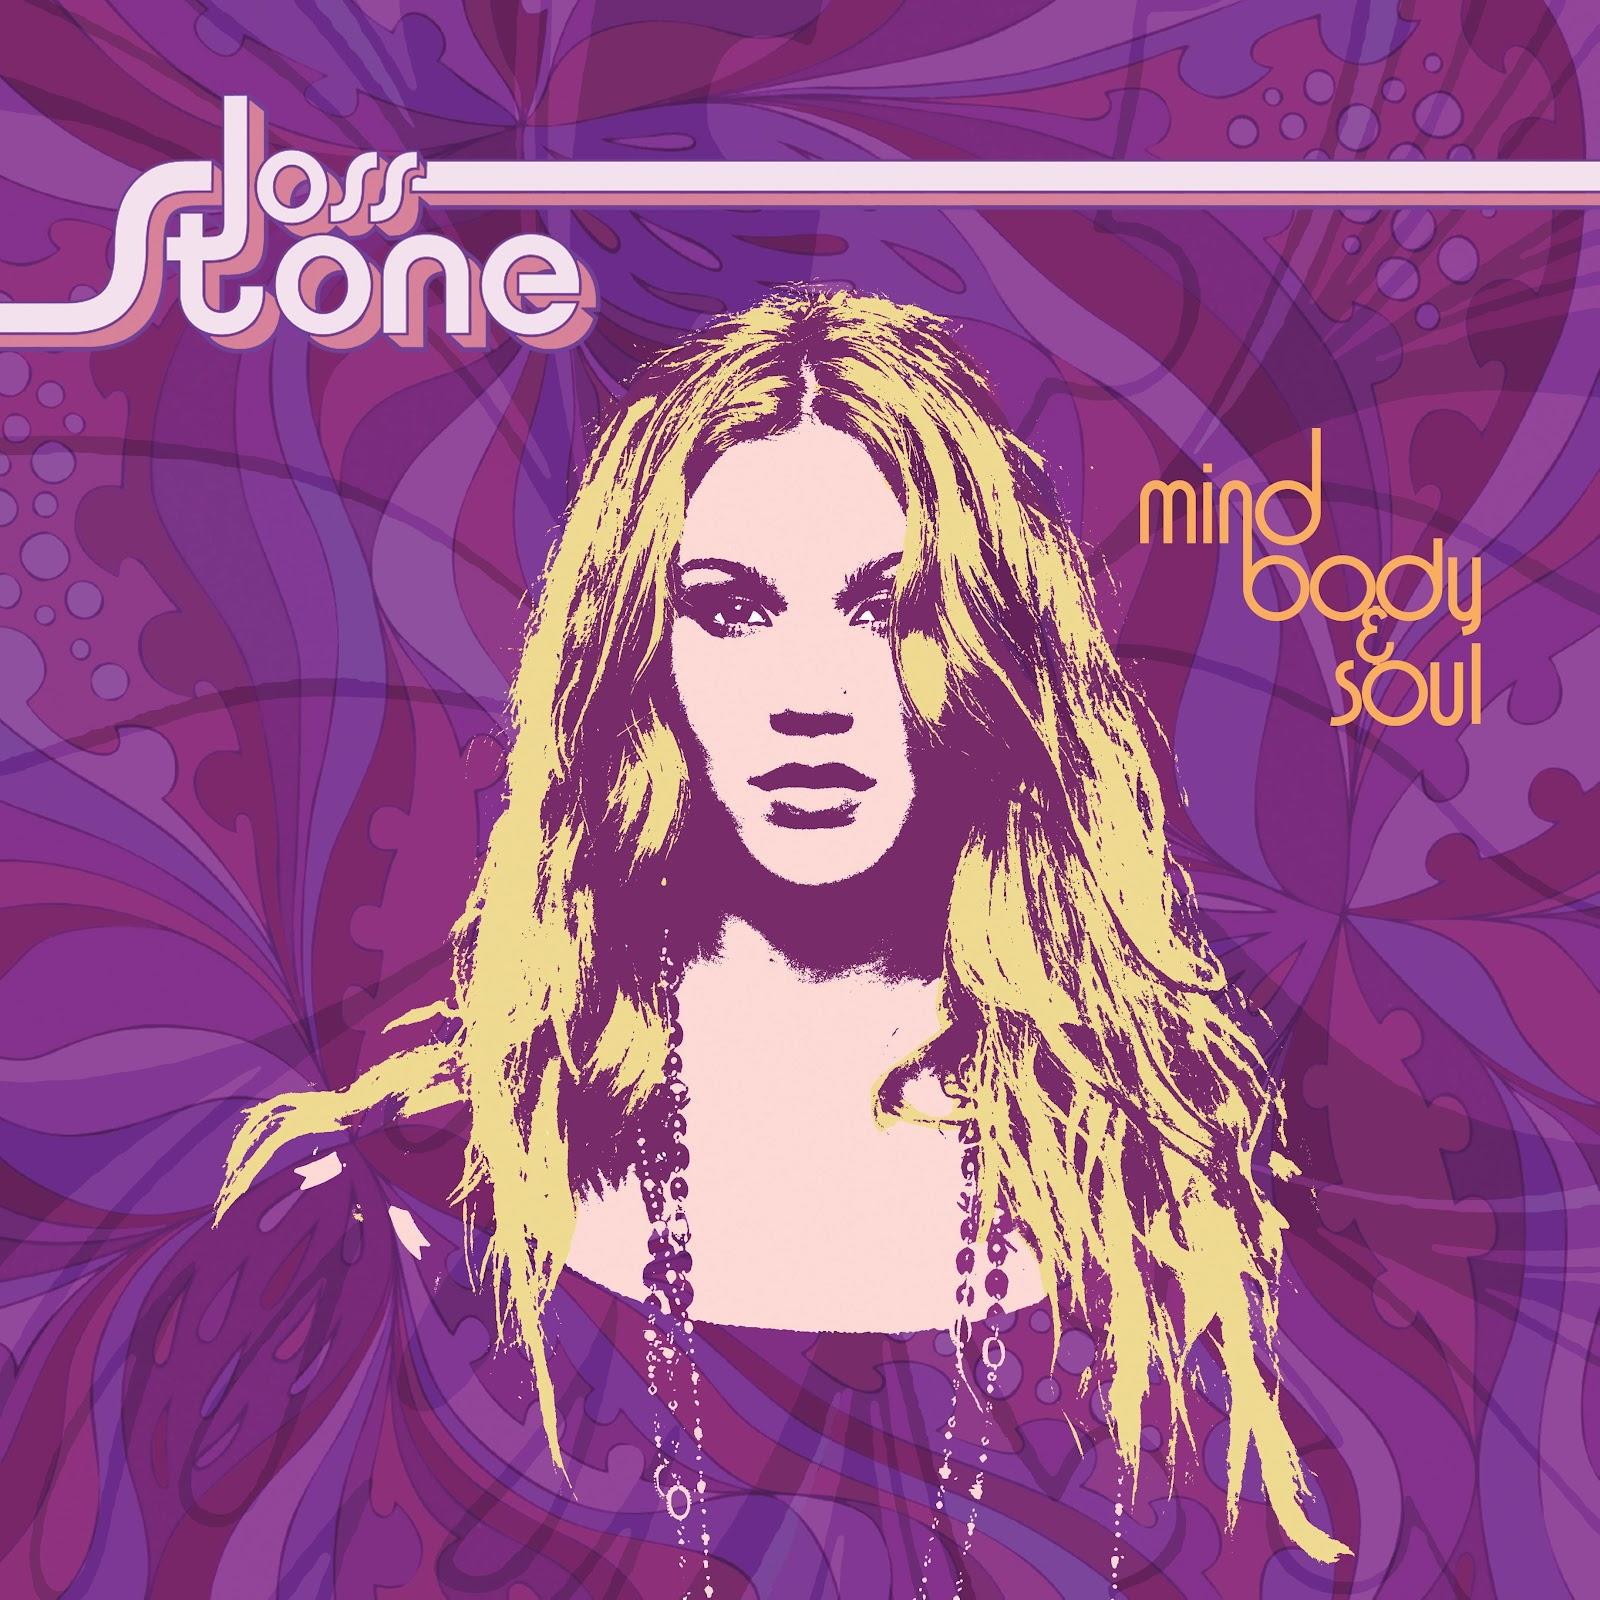 http://4.bp.blogspot.com/-g8dqKDsI5ZU/UGmOo3LsVPI/AAAAAAAAYAo/gCn03YYsT8A/s1600/joss_stone_mind_body_and_soul_2004_retail_cd-front.jpg